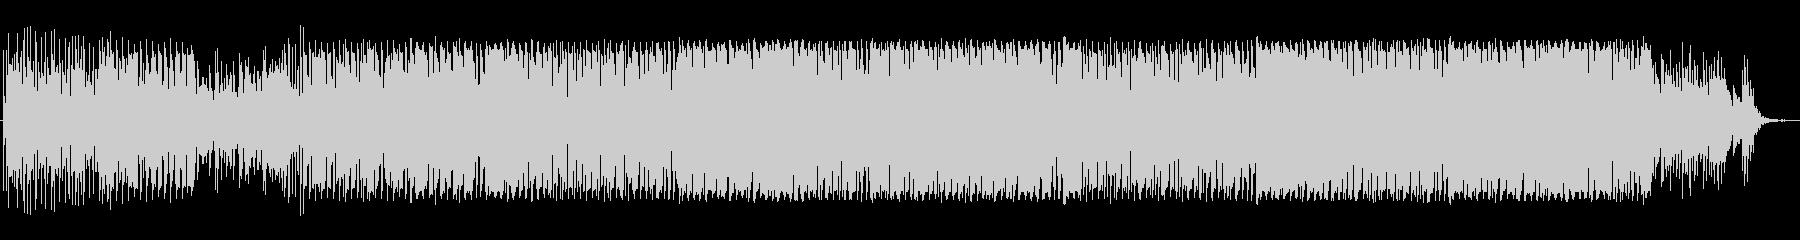 オープニング向きトロピカルピアノハウスの未再生の波形